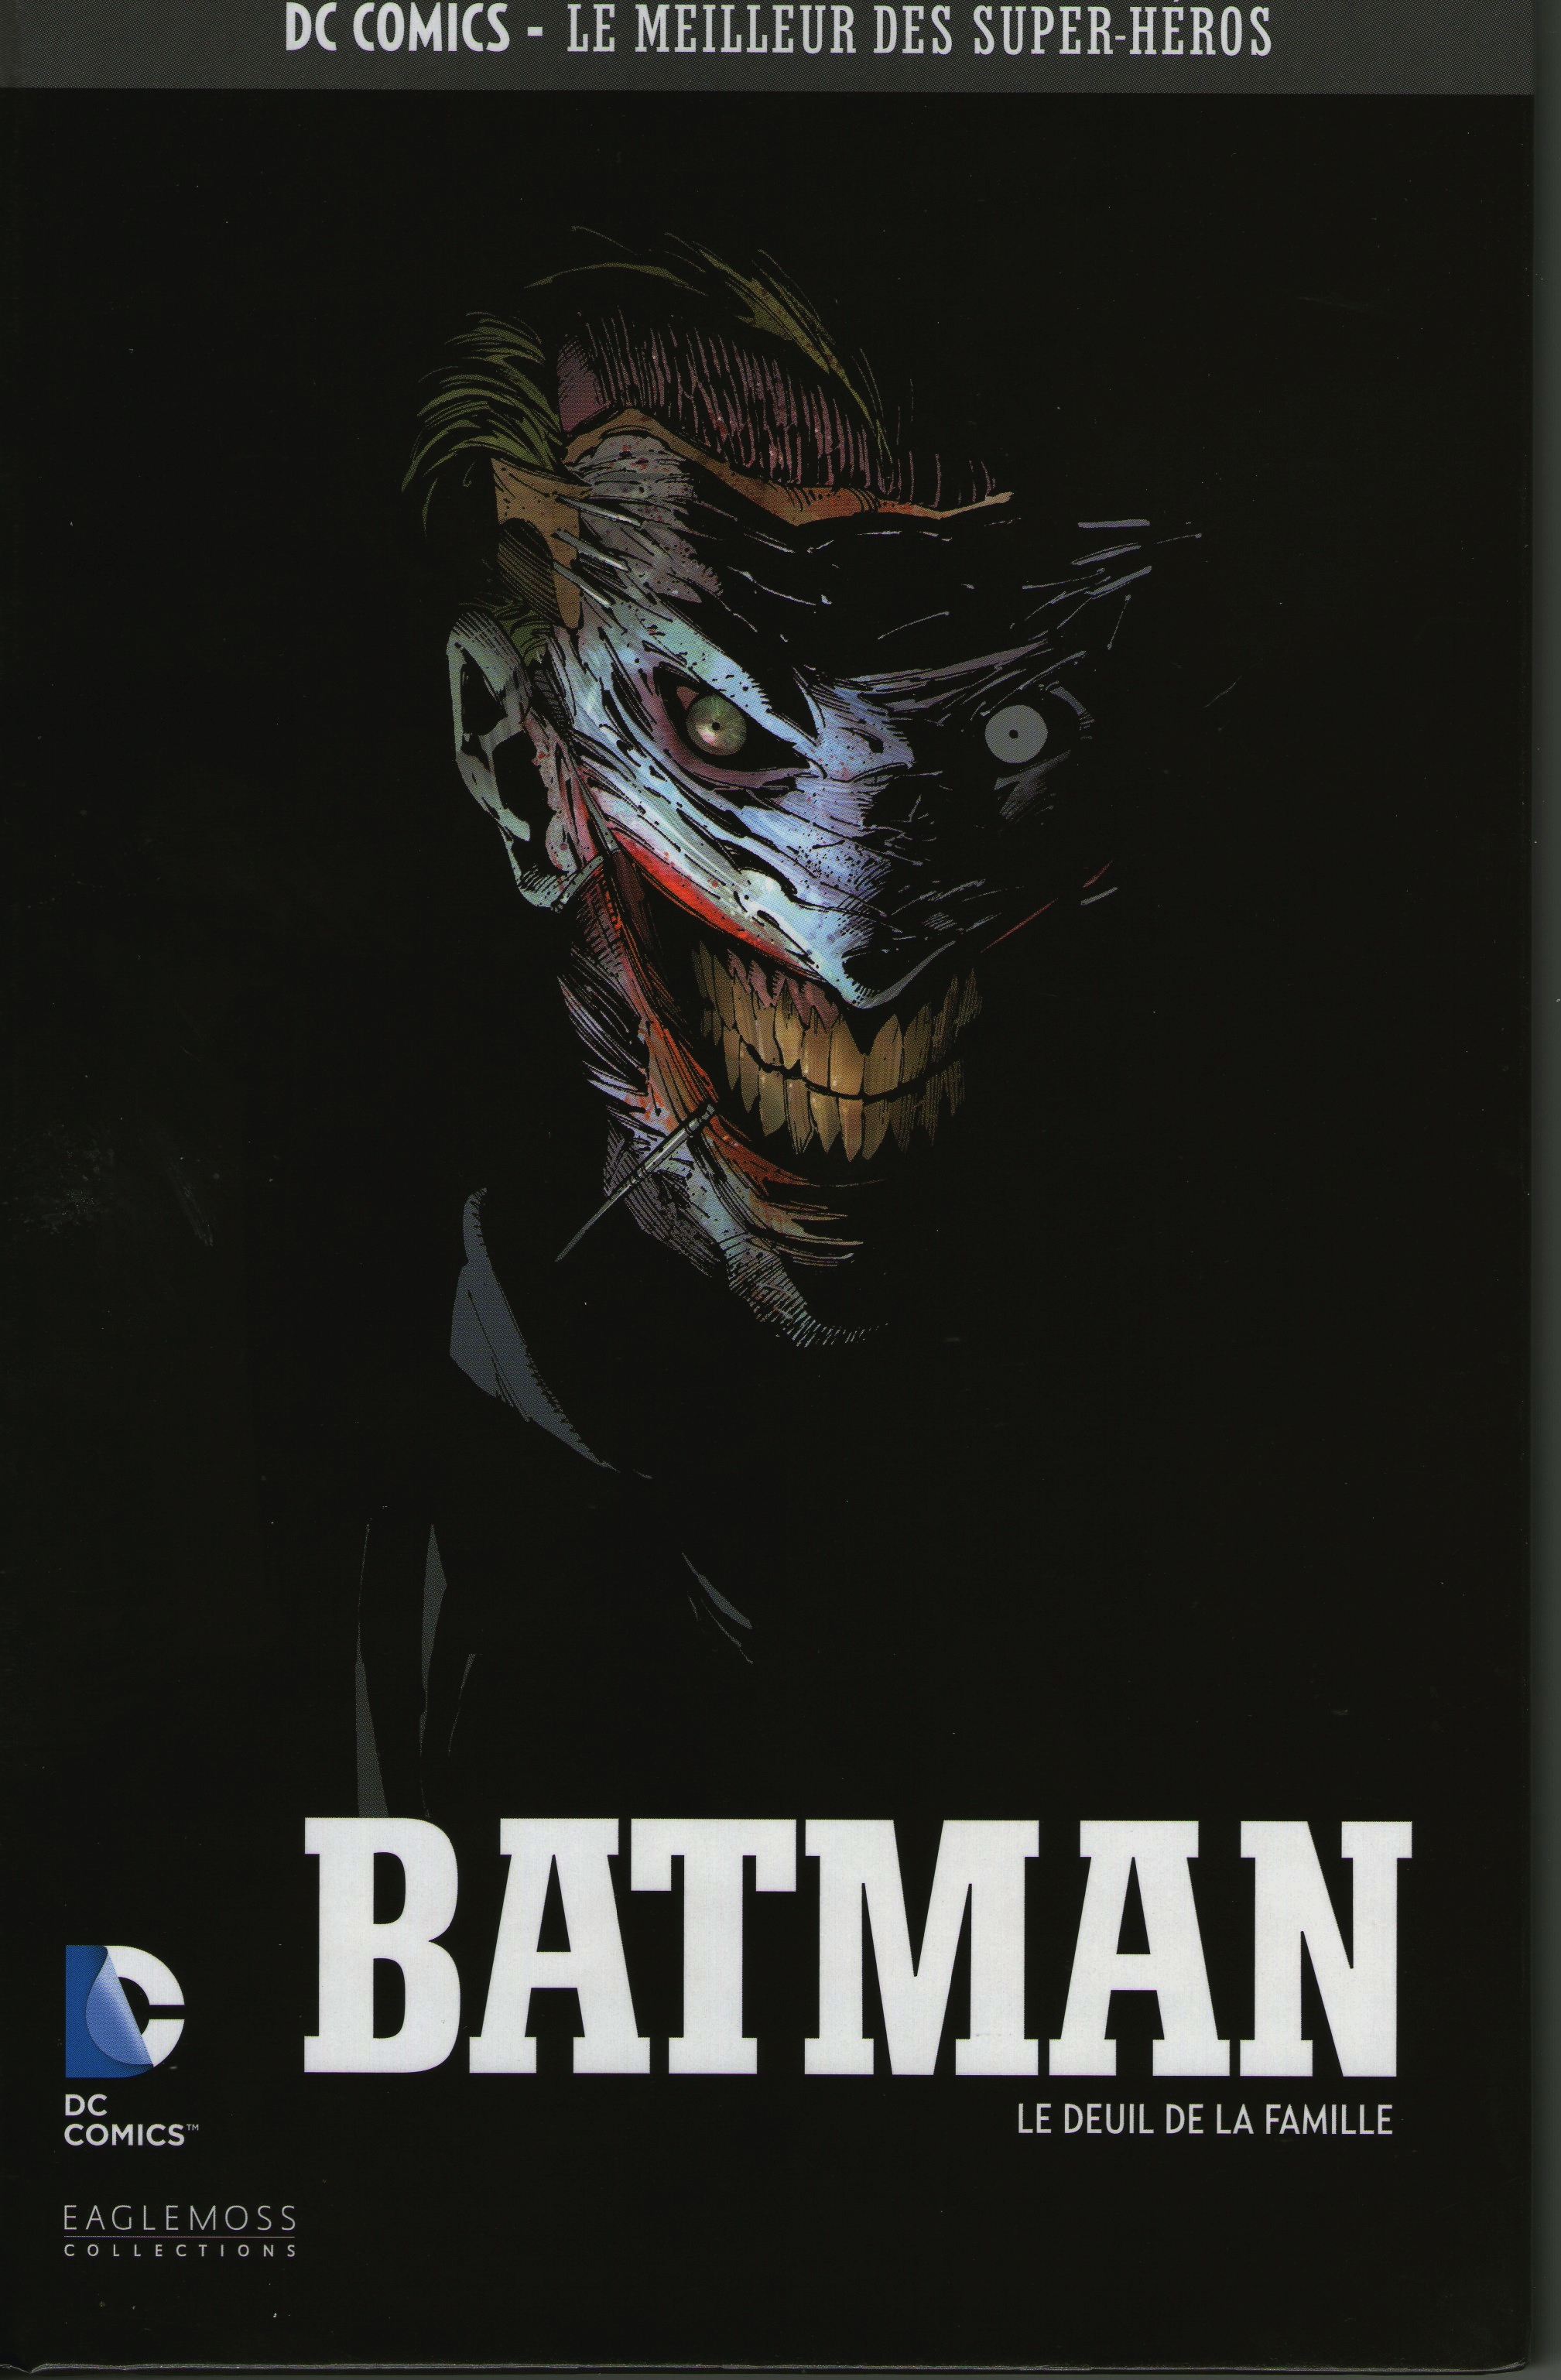 DC Comics - Le Meilleur des Super-Héros 39 - Batman Le Deuil de la Famille